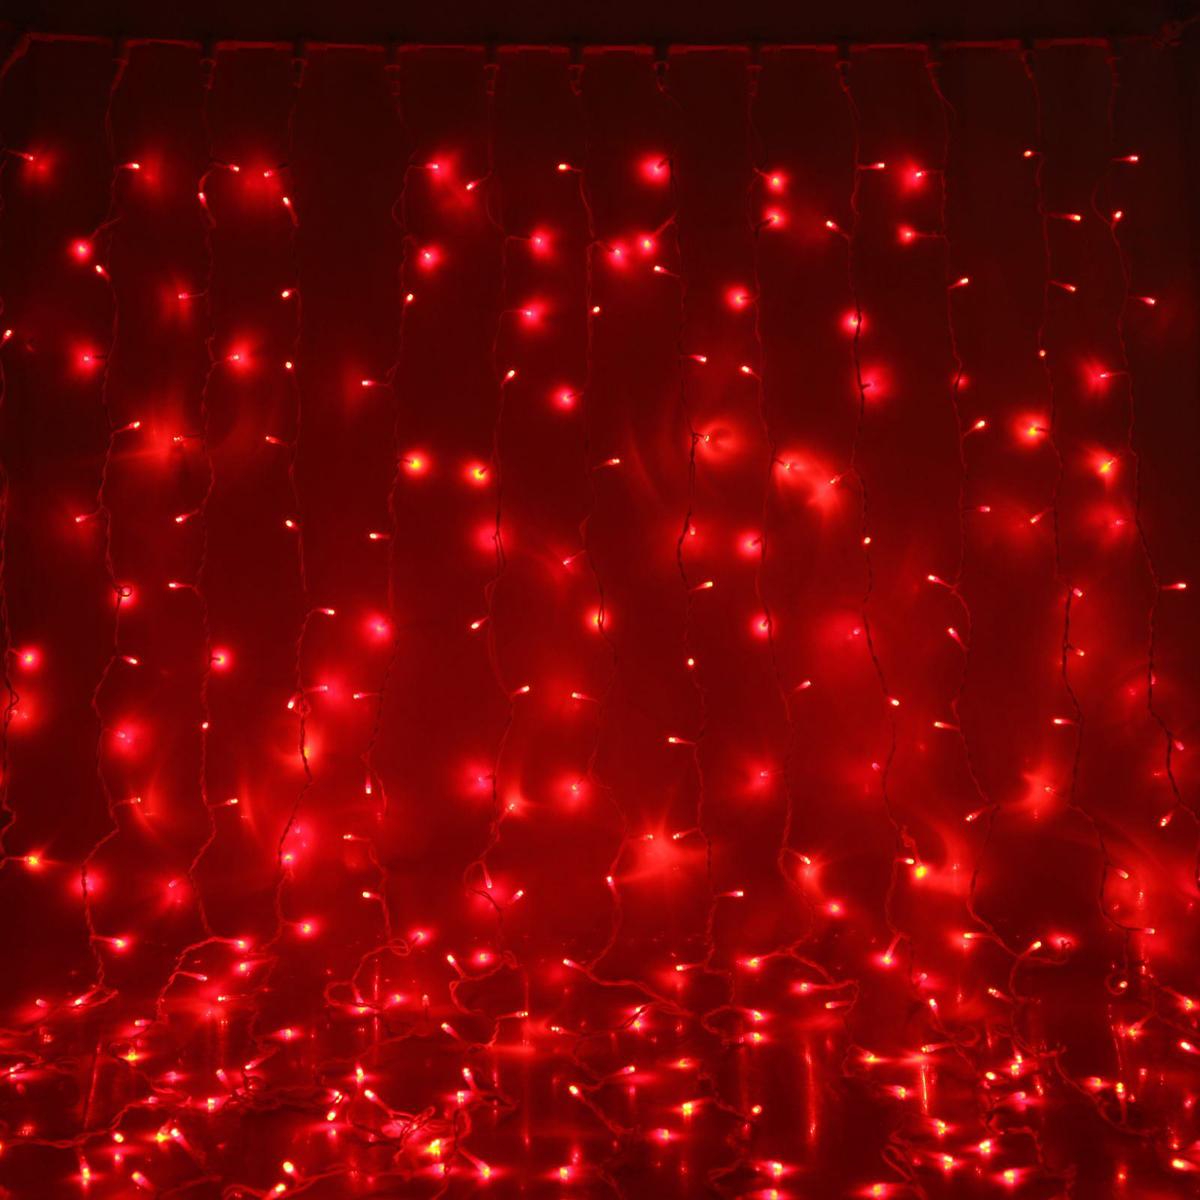 Гирлянда светодиодная Luazon Занавес, цвет: красный, уличная, 760 ламп, 220 V, 2 х 3 м. 10802121080212Гирлянда светодиодная Luazon Занавес - это отличный вариант для новогоднего оформления интерьера или фасада. С ее помощью помещение любого размера можно превратить в праздничный зал, а внешние элементы зданий, украшенные гирляндой, мгновенно станут напоминать очертания сказочного дворца. Такое украшение создаст ауру предвкушения чуда. Деревья, фасады, витрины, окна и арки будто специально созданы, чтобы вы украсили их светящимися нитями.